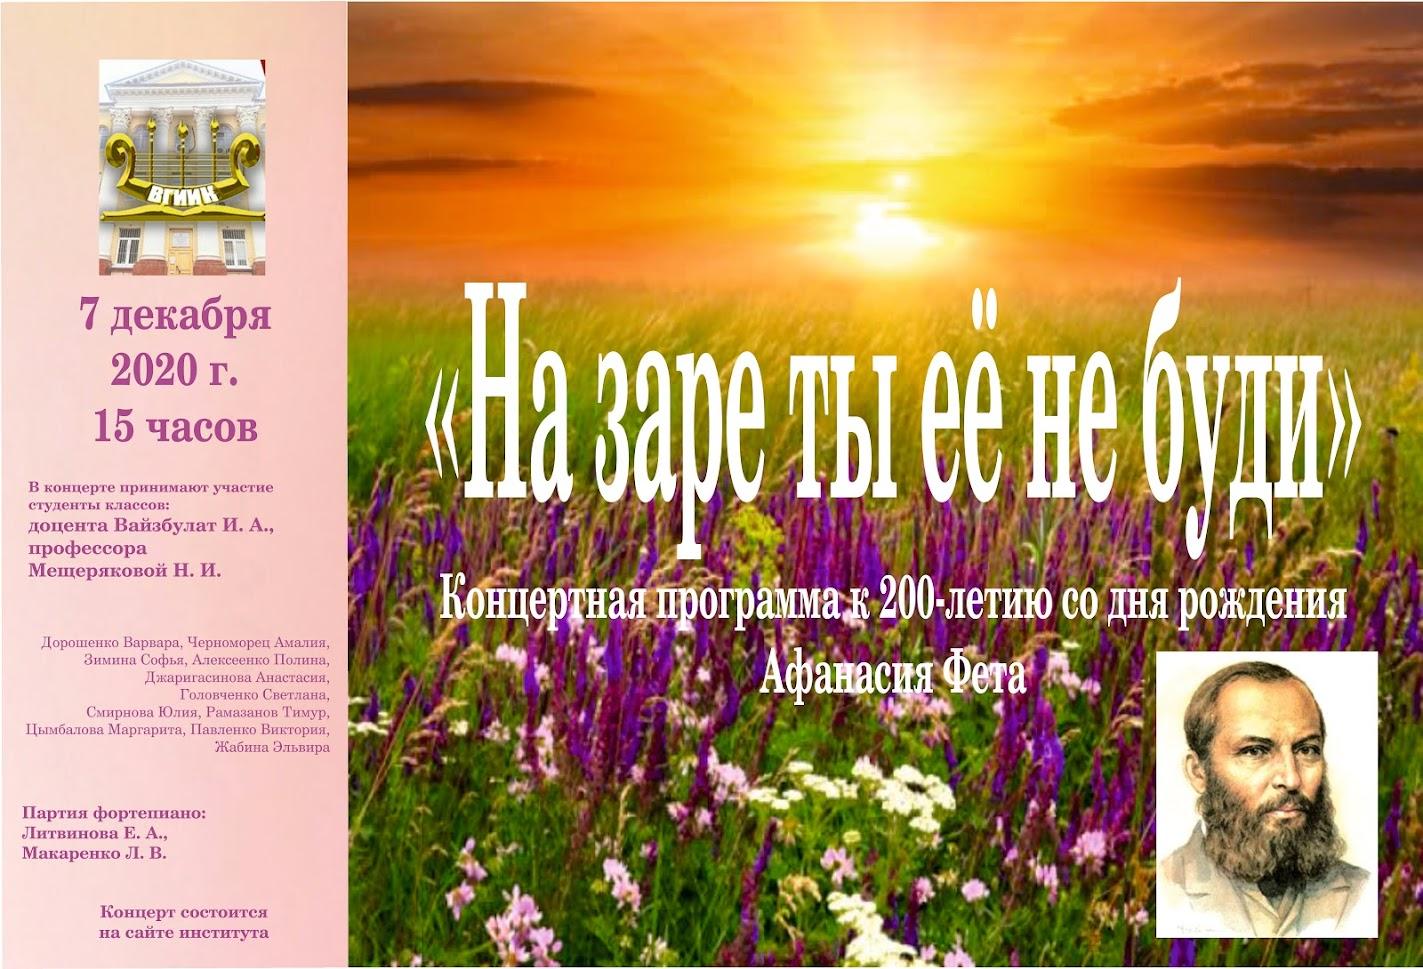 Концертная программа к 200 летию великого русского поэта Афанасия Фета